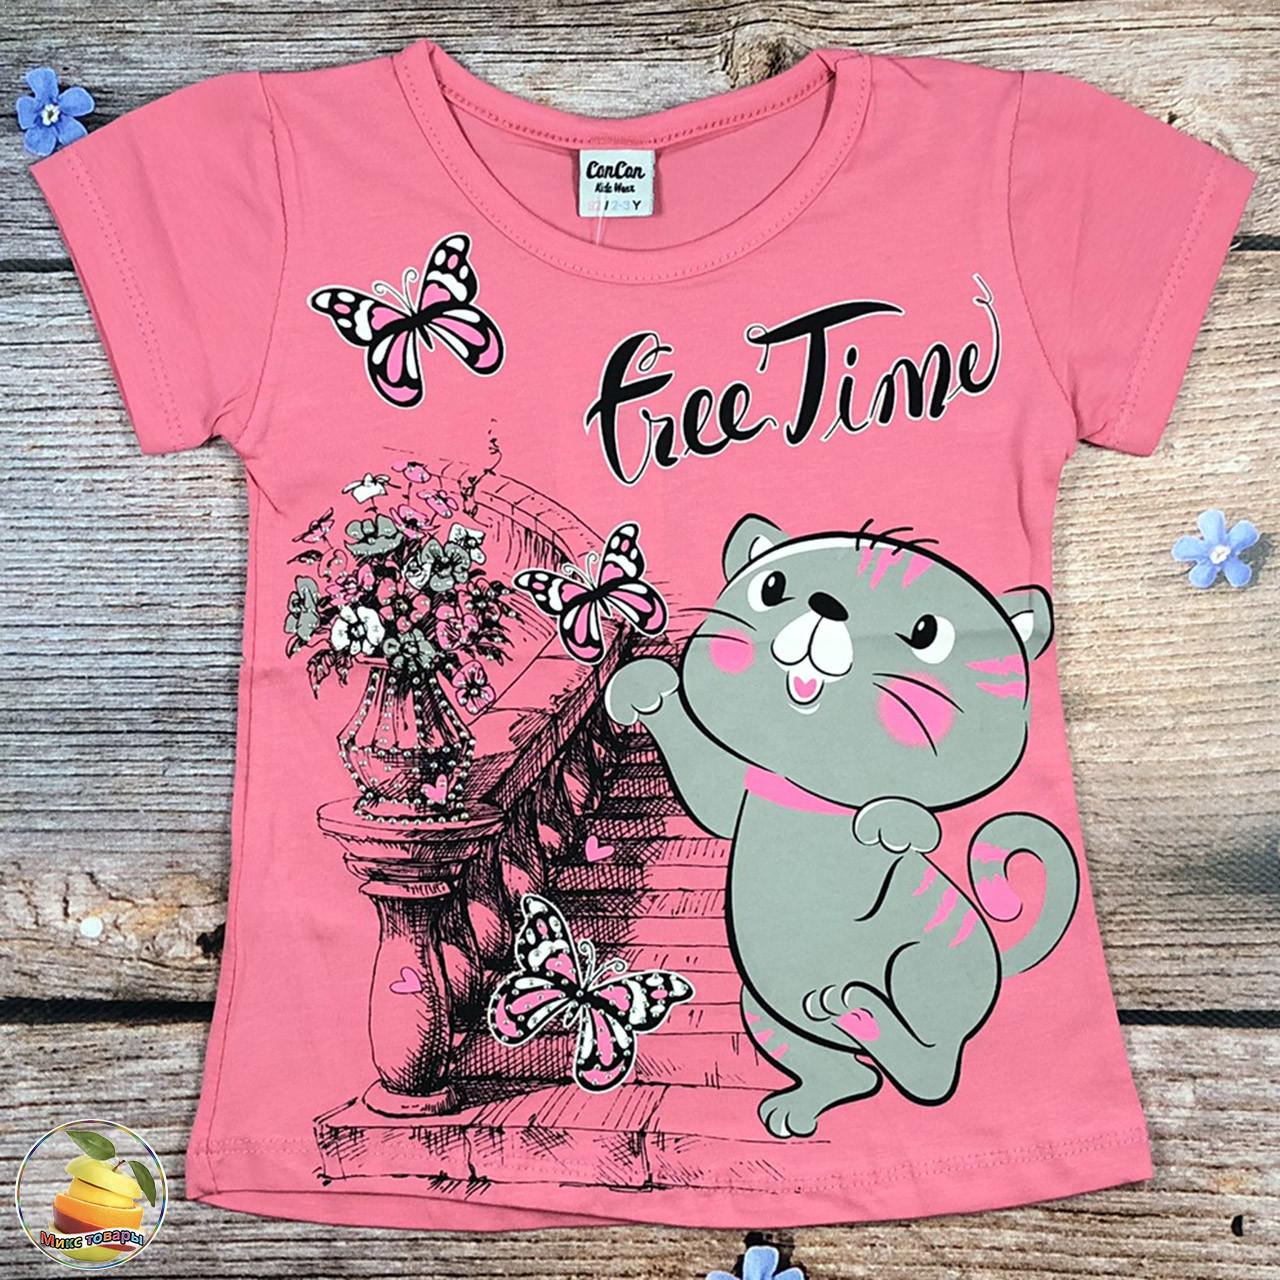 Детская футболка с котиком Размеры: 92,98,104,110 см (20105-1)